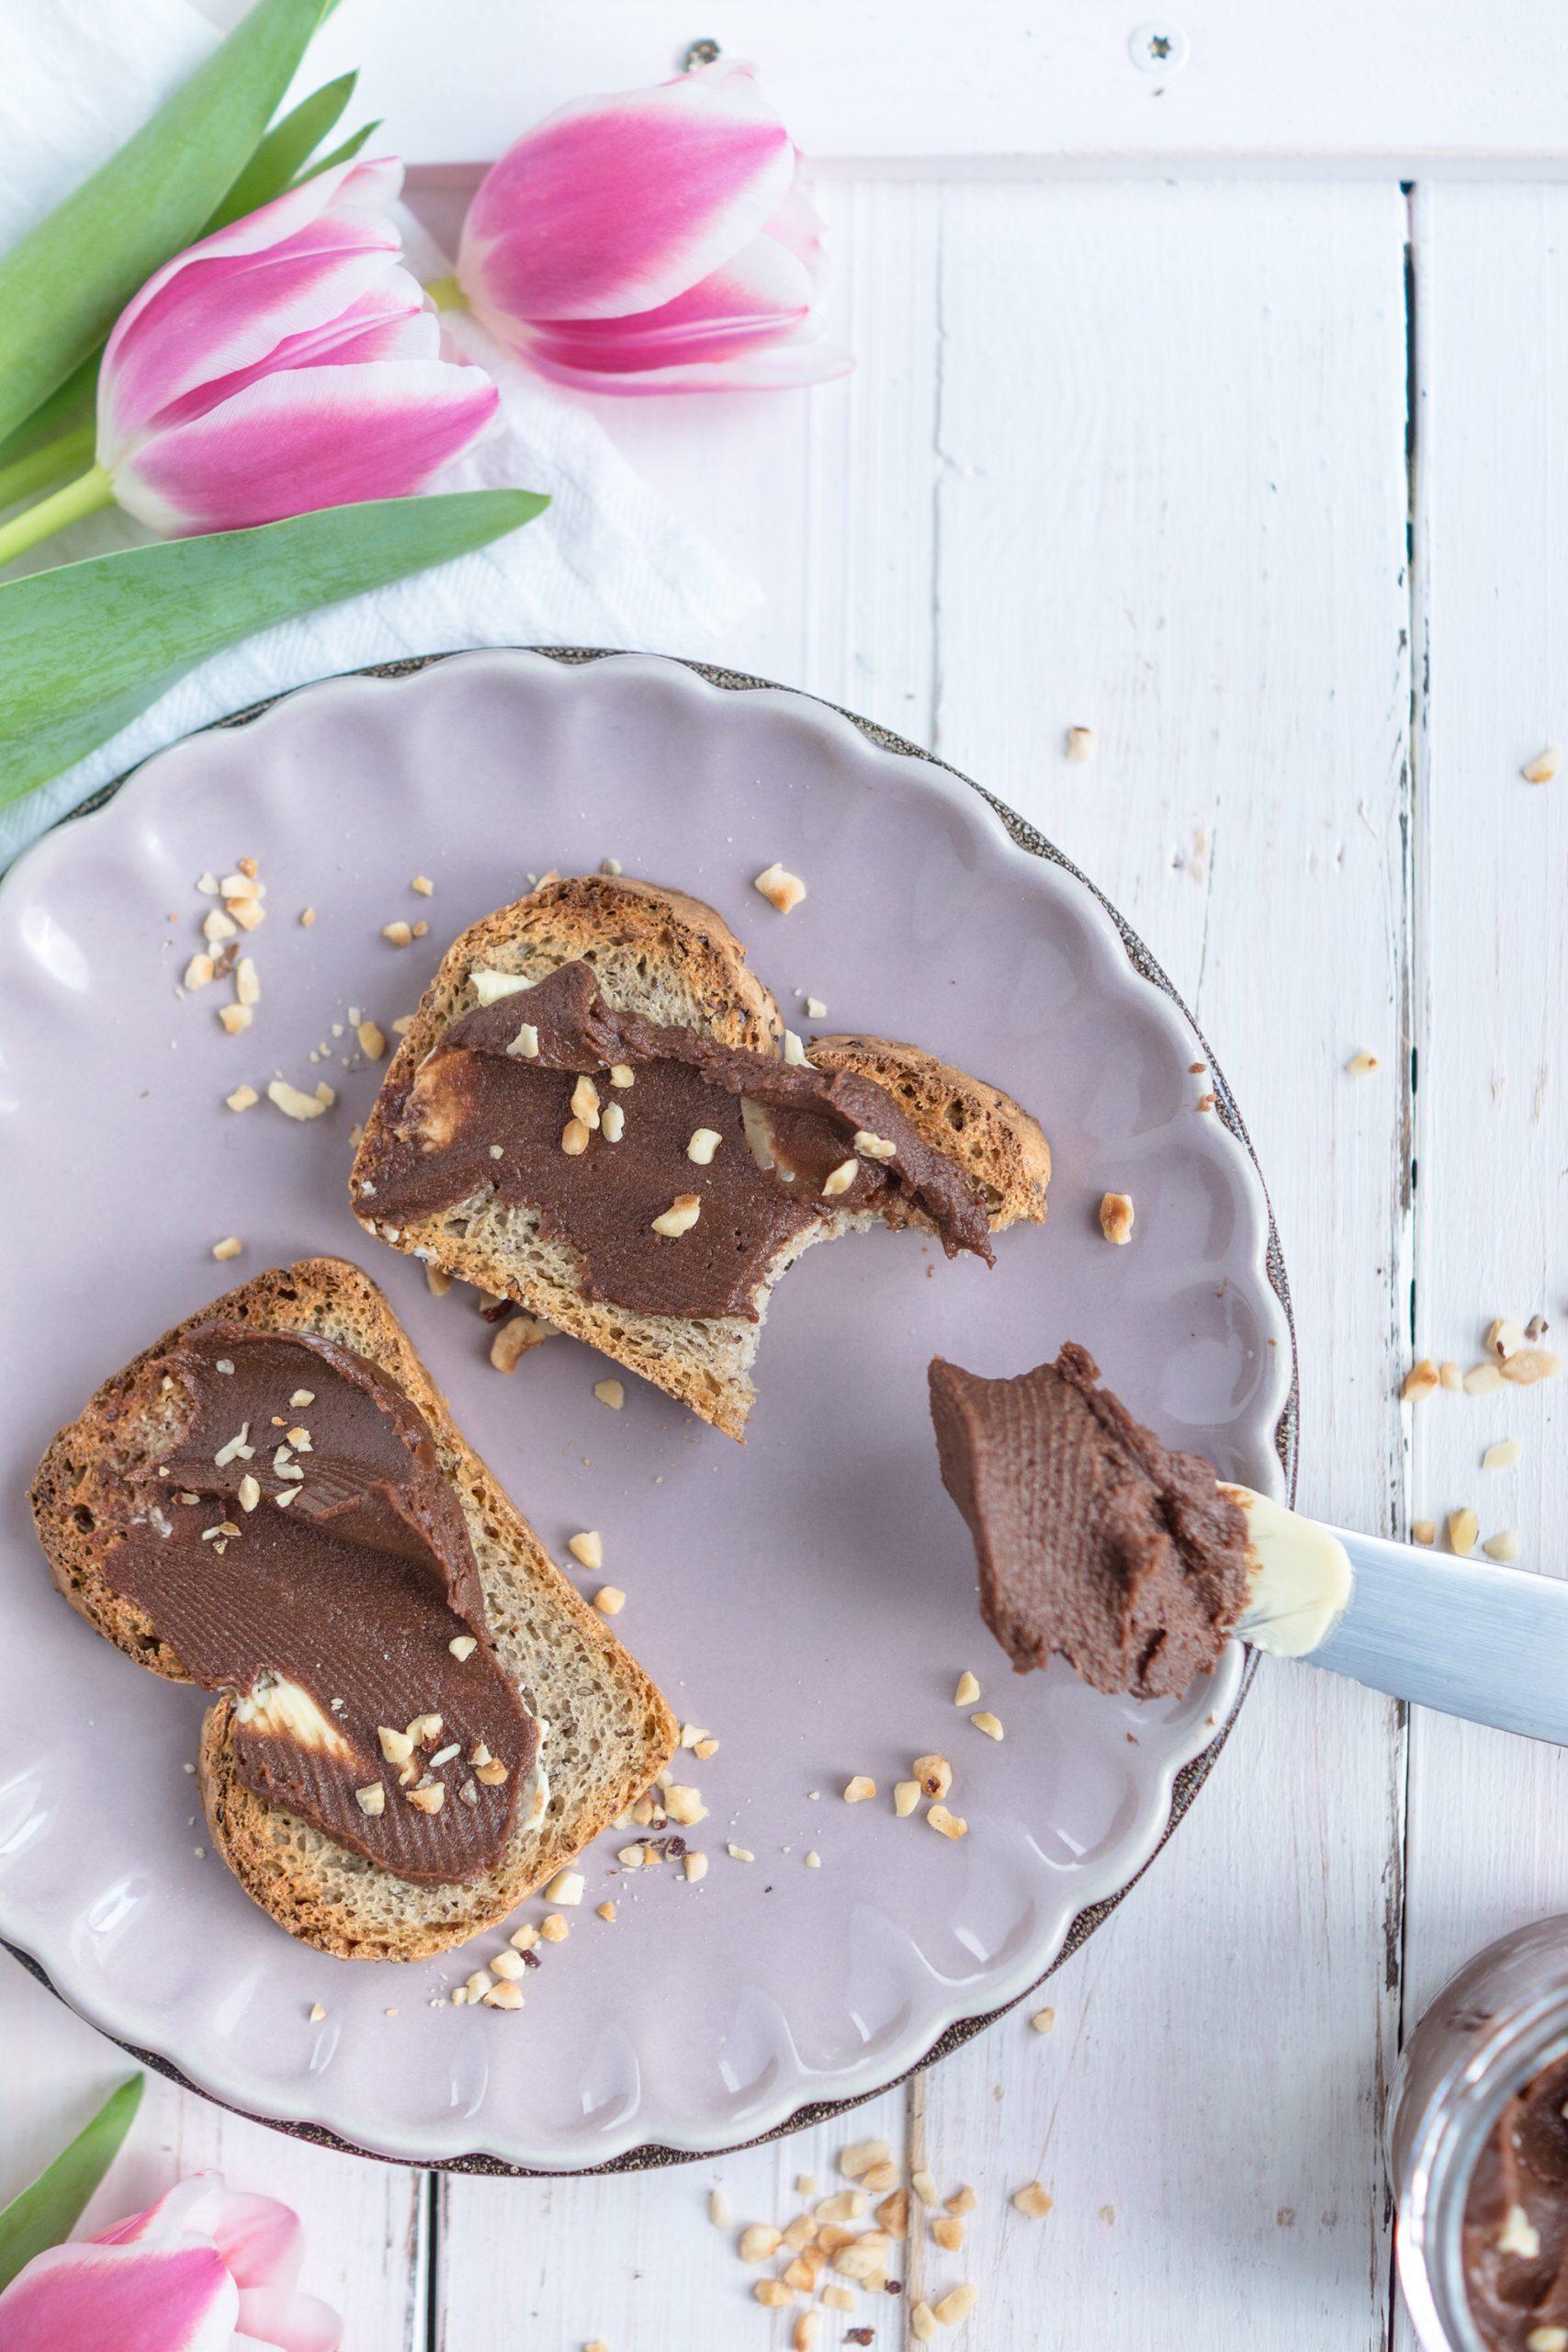 Schokoladenaufstrich am Messer